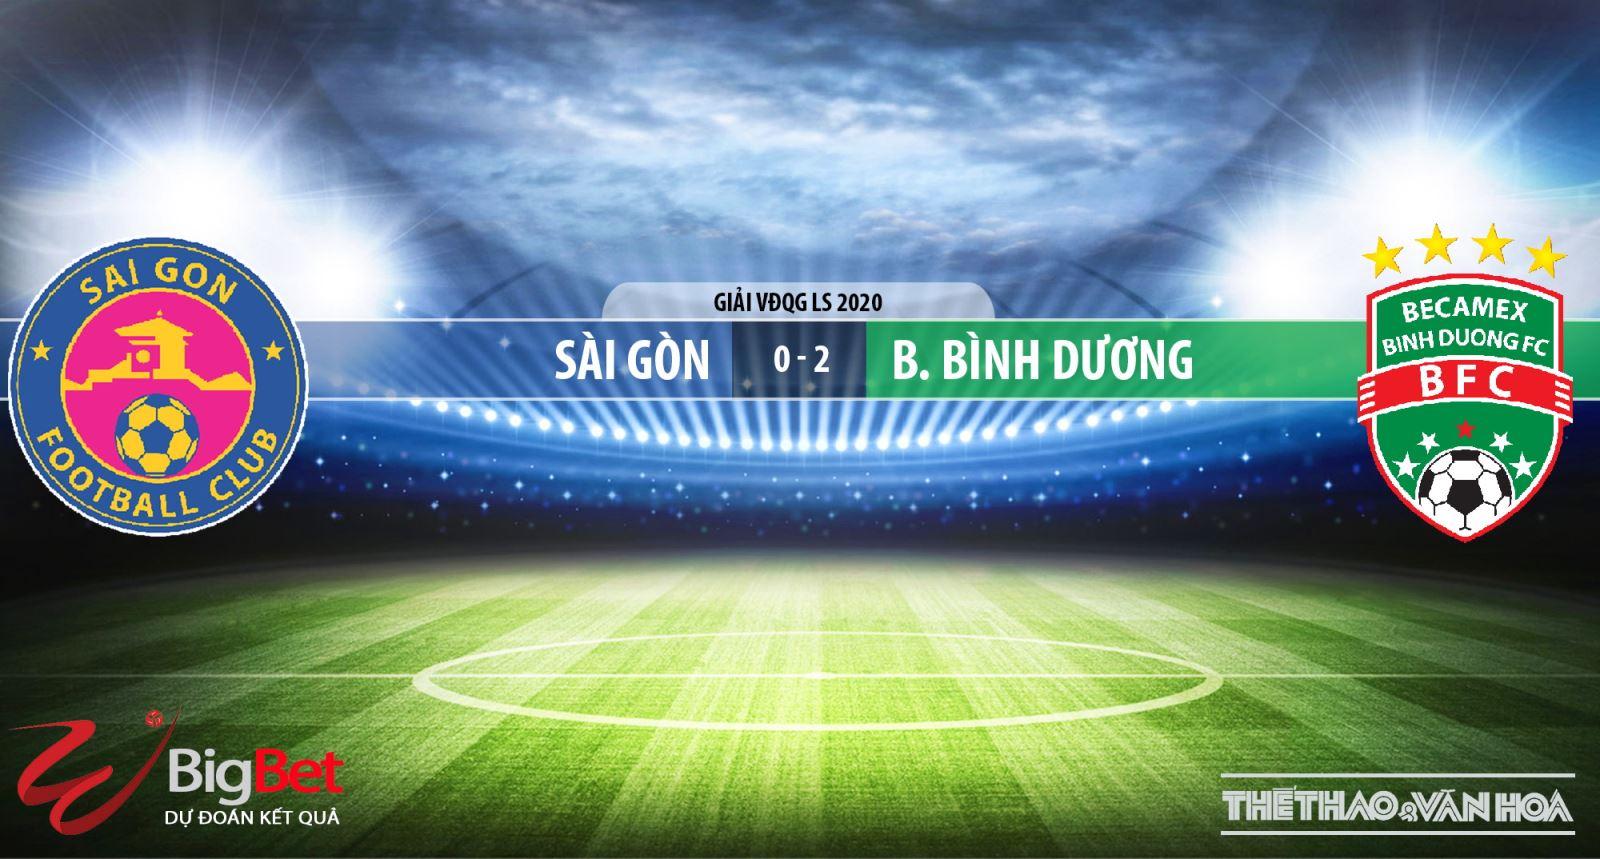 Sài Gòn vsBecamex Bình Dương, Sài Gòn, Bình Dương, trực tiếp bóng đá, soi kèo bóng đá, kèo bóng đá, BĐTV